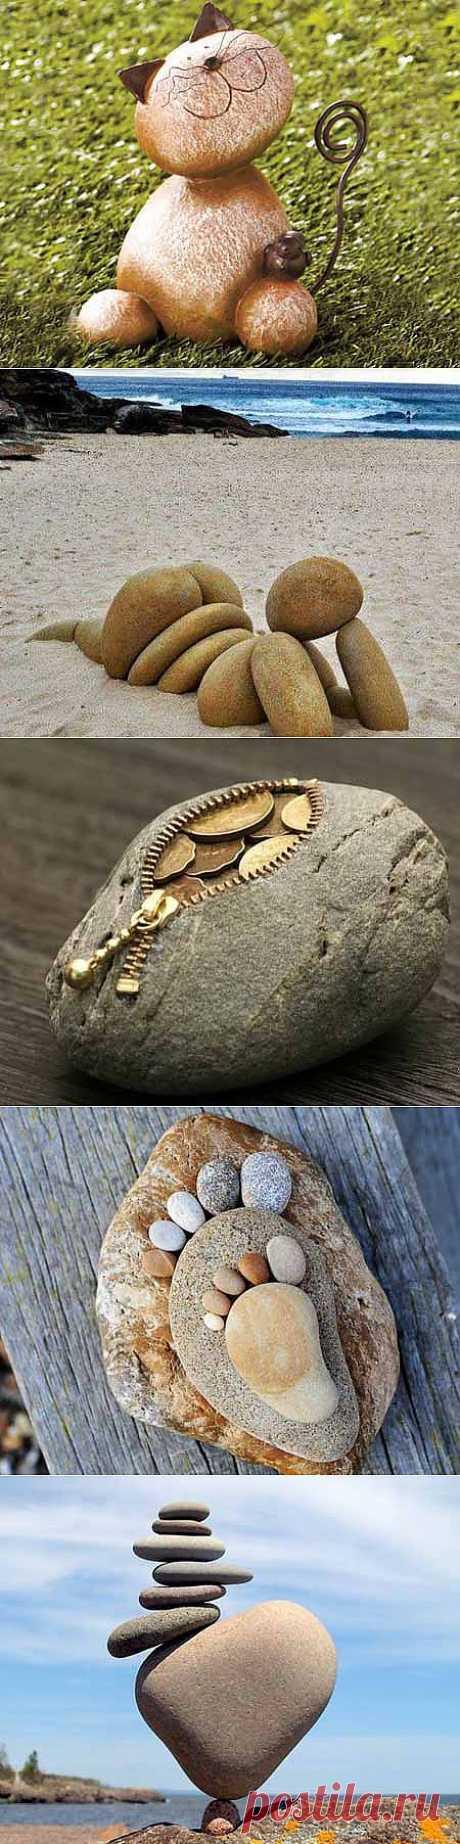 Поделки для дачи своими руками: 12 фигурок из камней | ВСЁ ДЛЯ ДОМА